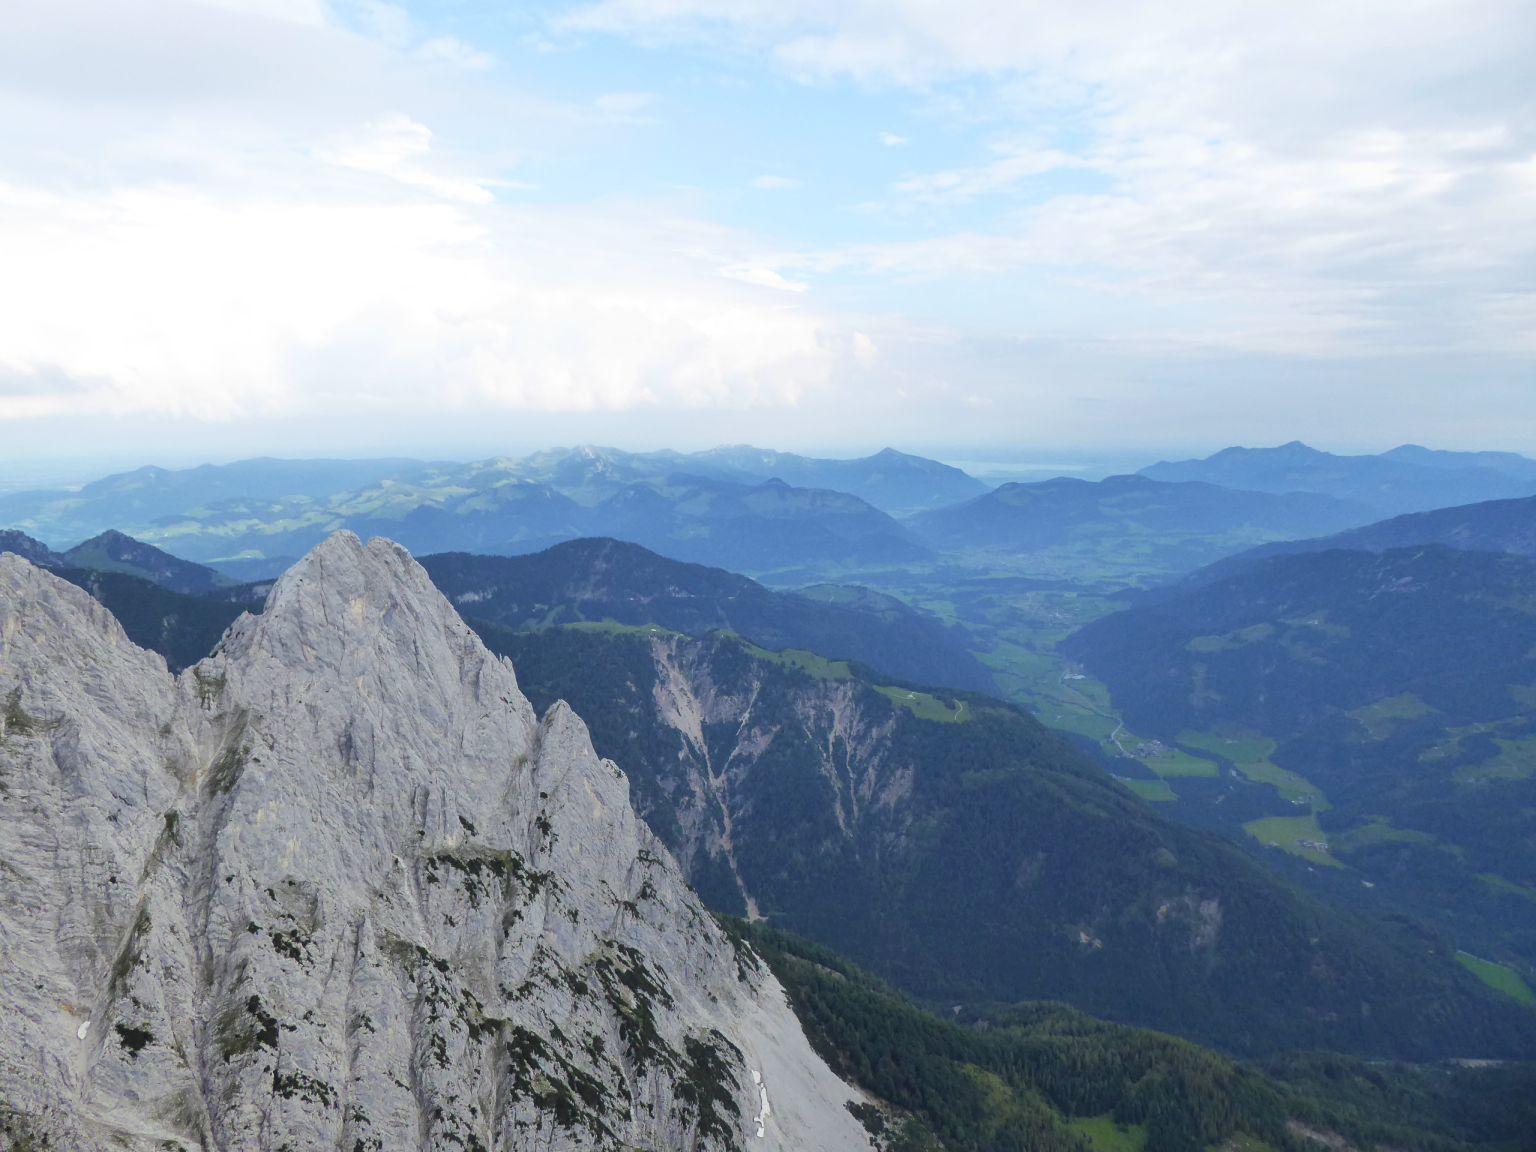 Über das Lärchegg hinweg Richtung Kössen und in die Chiemgauer